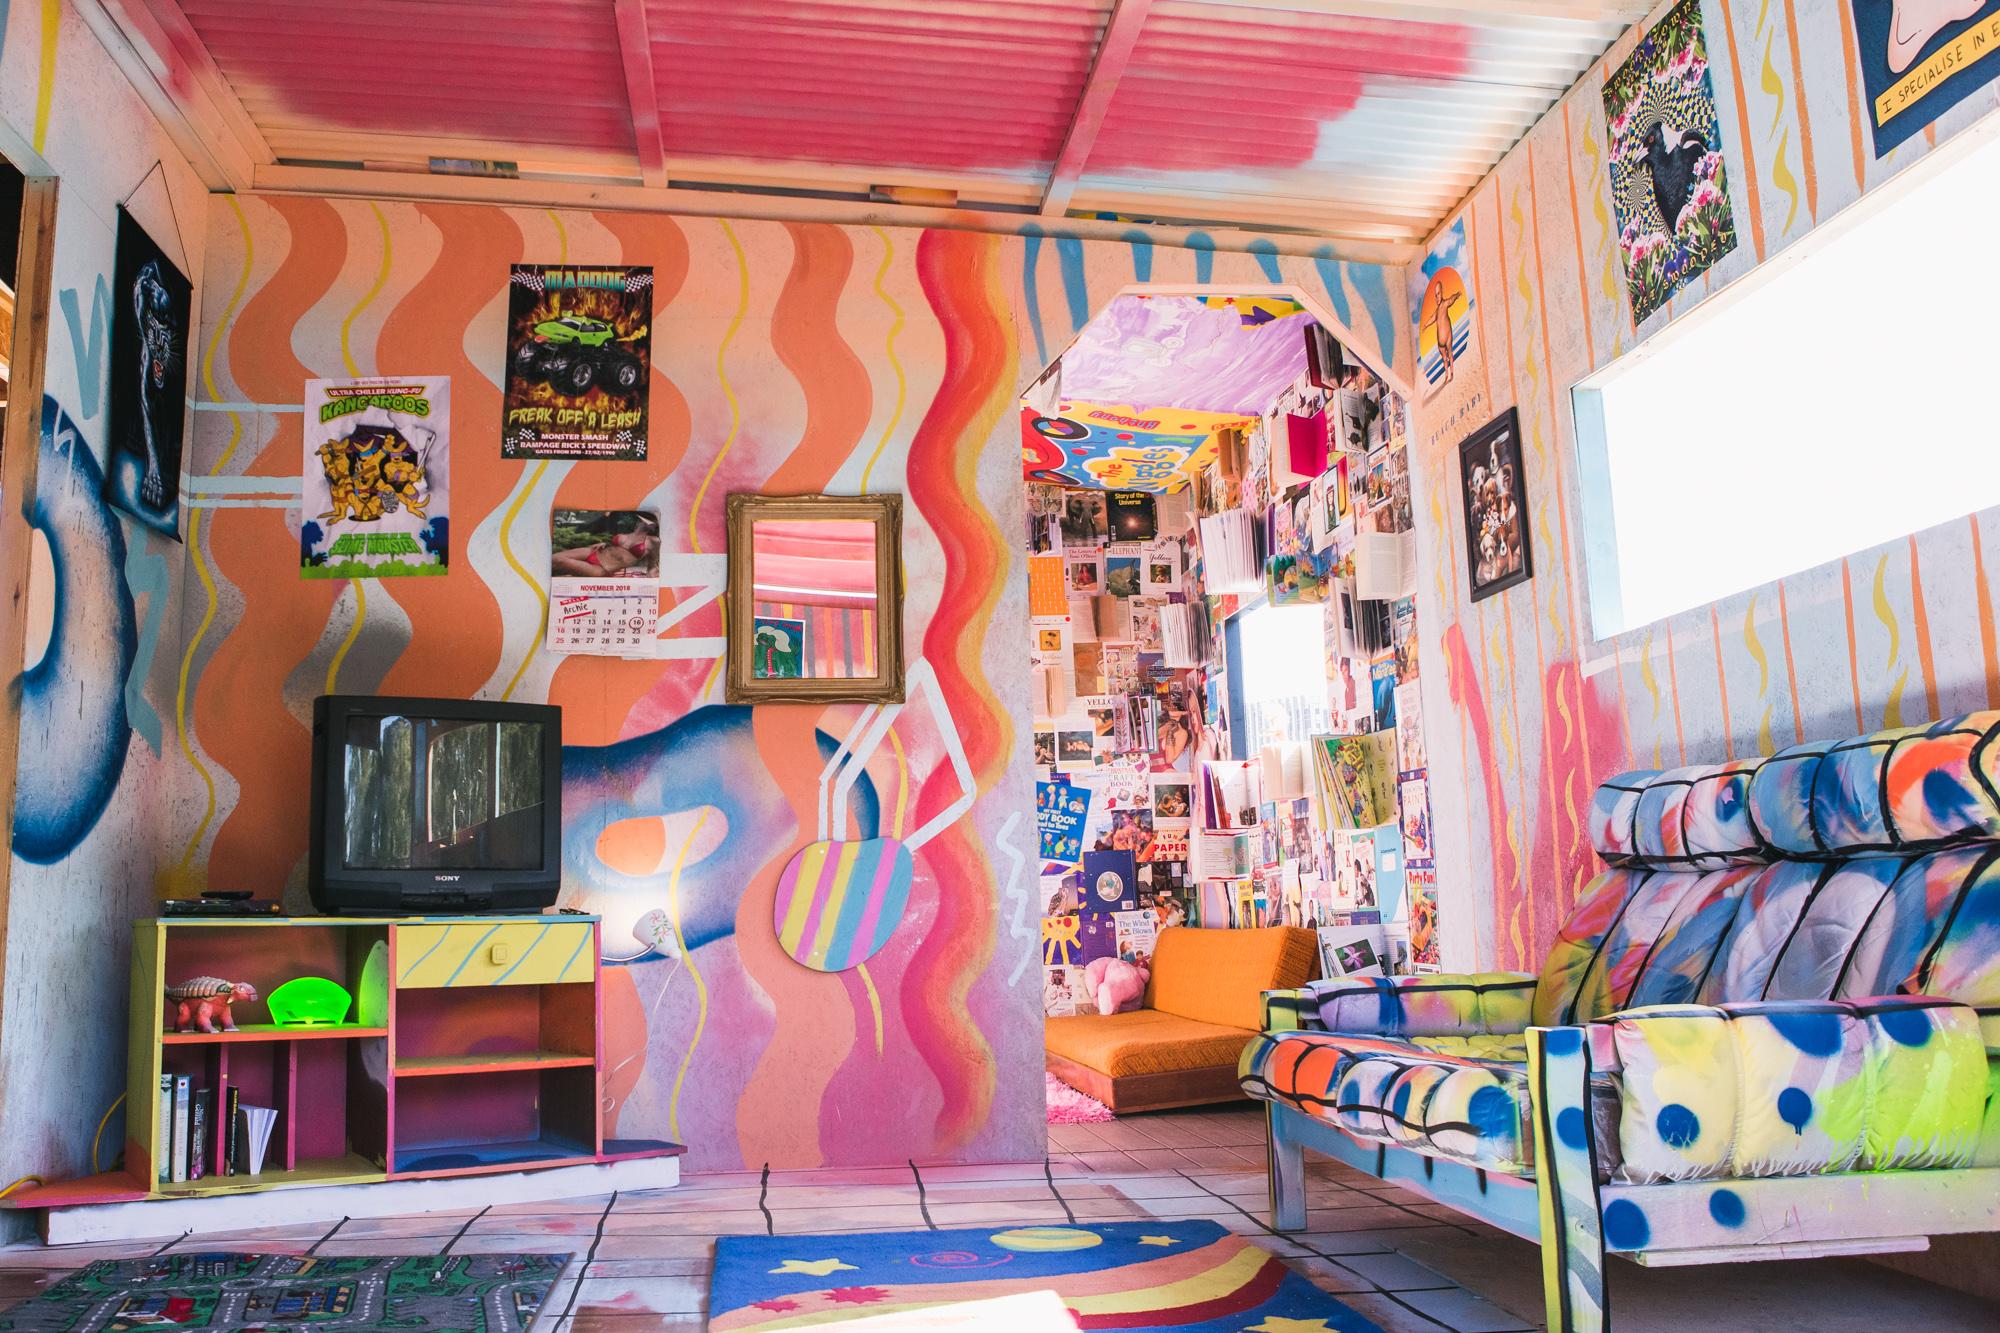 Archies bedroom 2-00002.jpg